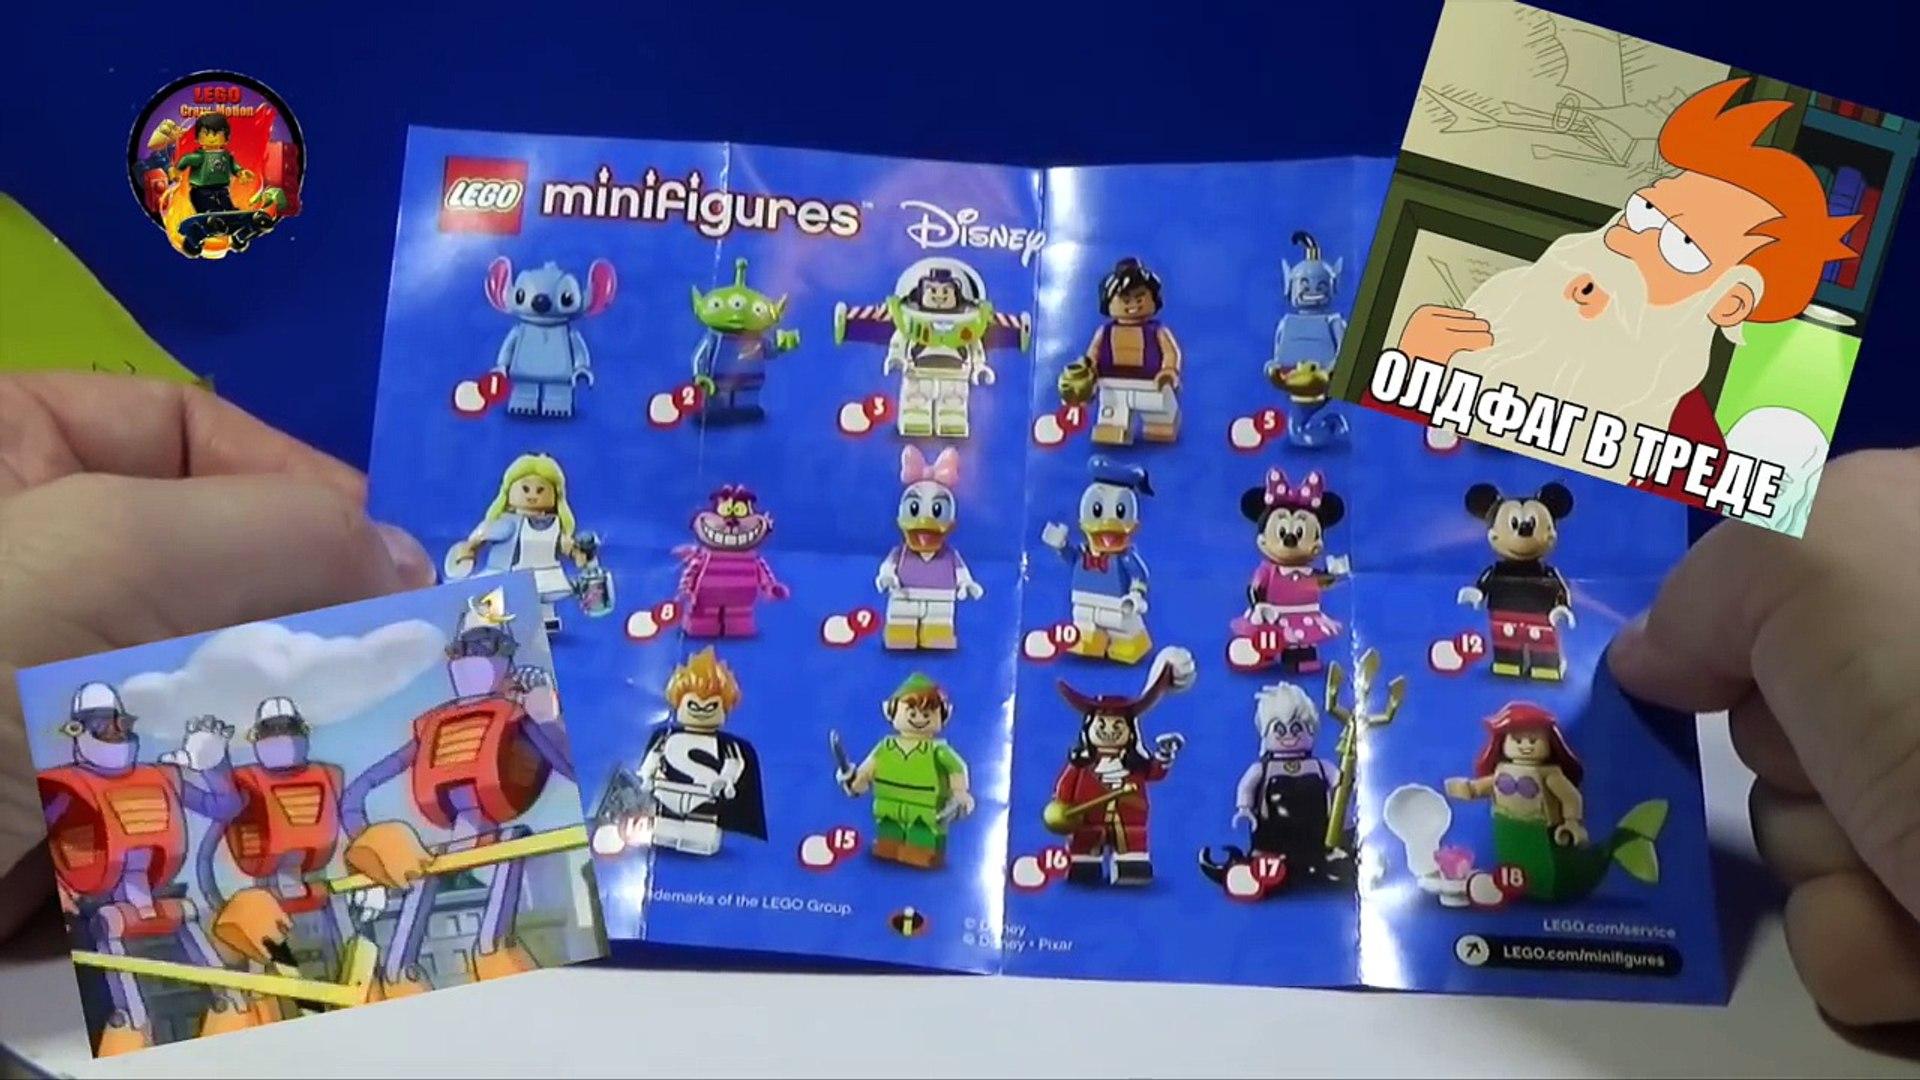 НОВИНКА! ЛЕГО ДИСНЕЕВСКИЕ ГЕРОИ! ОБЗОР первых 9 персонажей / Disney Lego figures